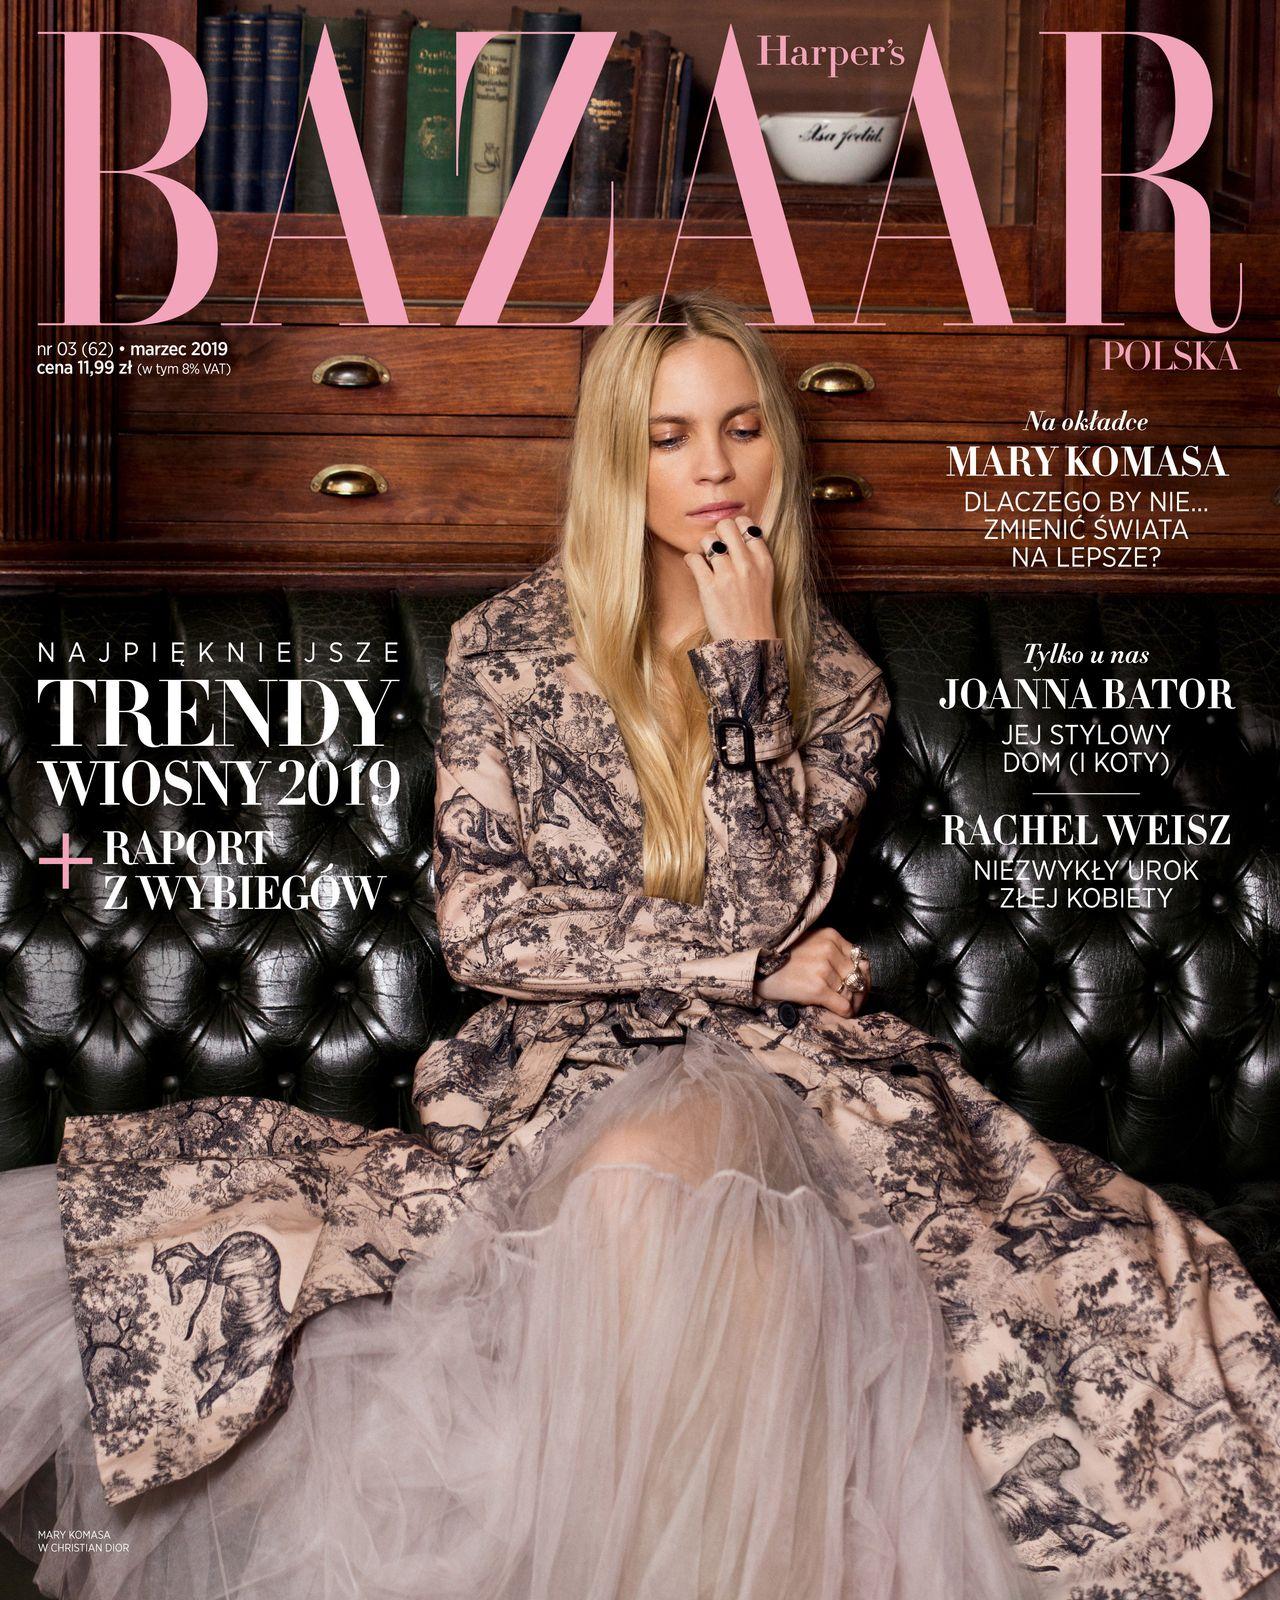 Mary Komasa w Harper's Bazaar: Dlaczego Instagram ją przeraża?